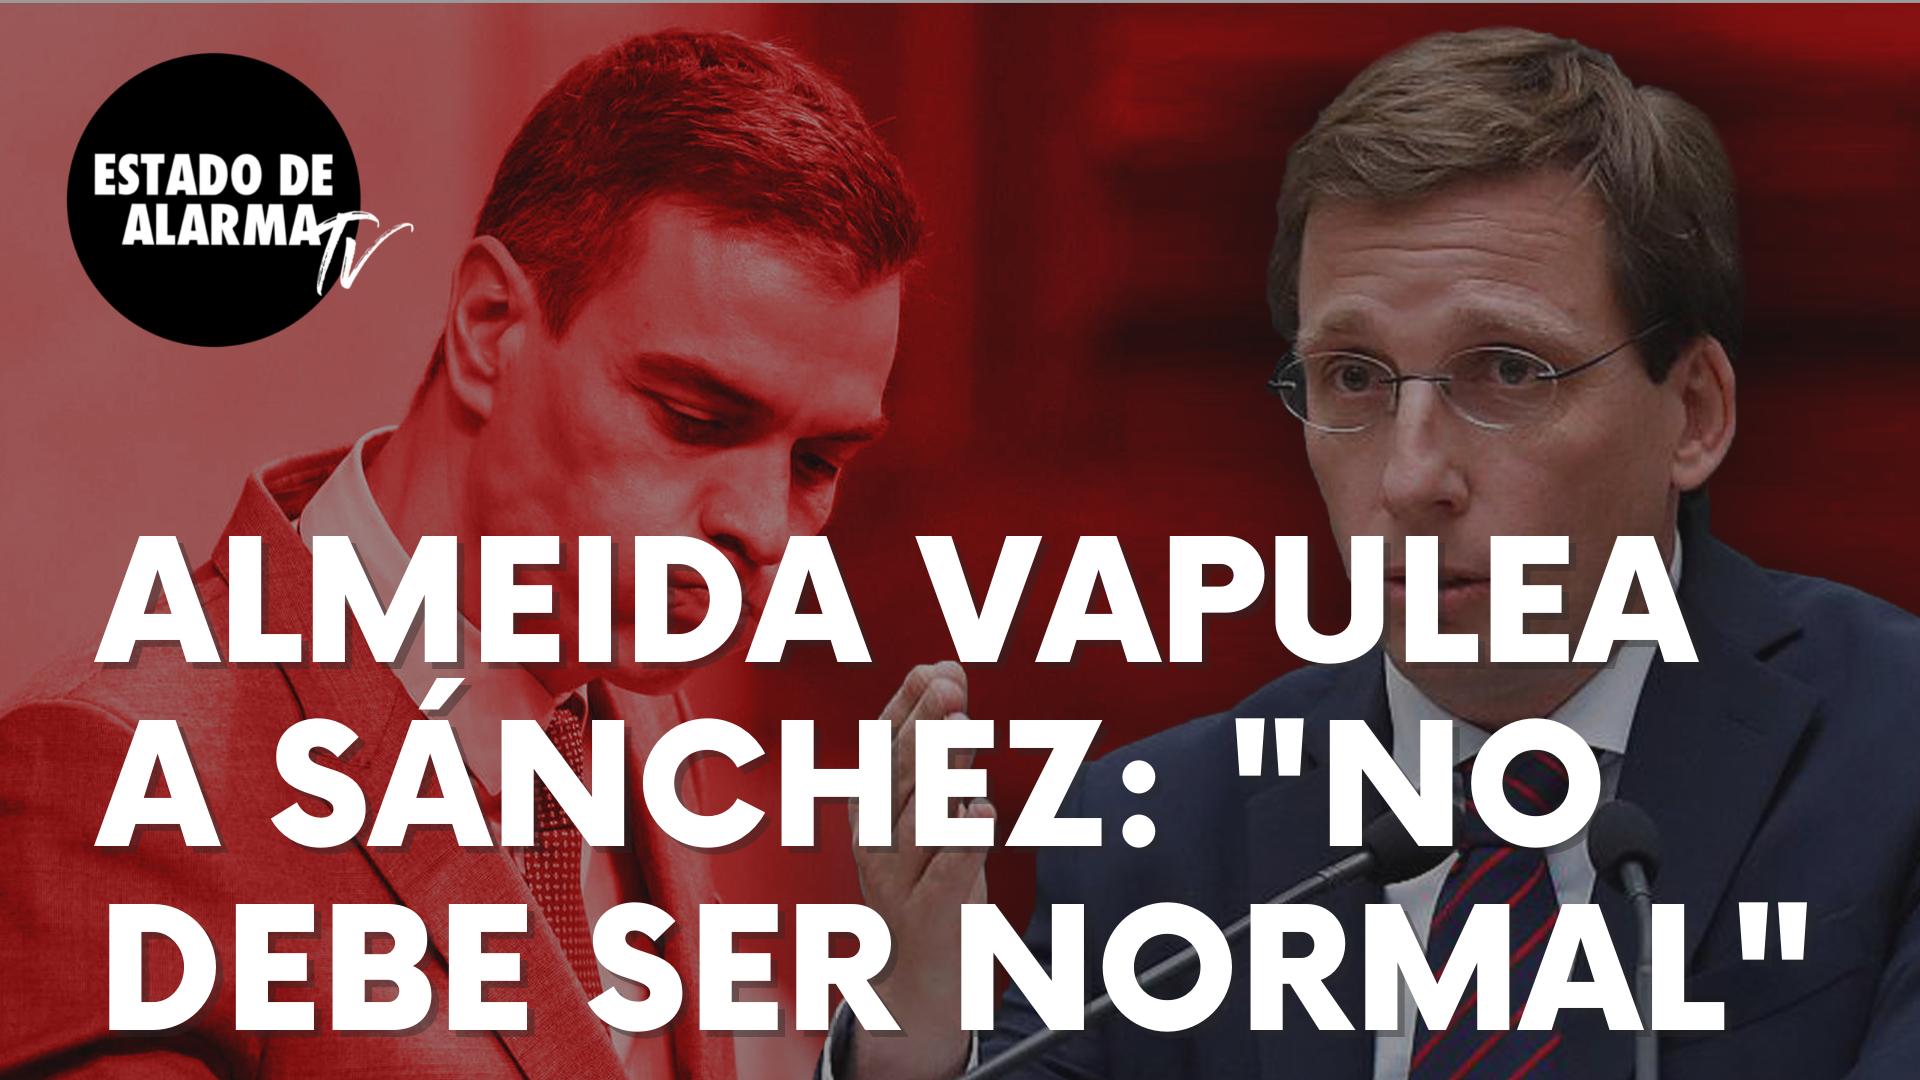 """El popular José Luís Martínez-Almeida vapulea a Sánchez tras una nueva mentira: """"No debe ser normal"""""""